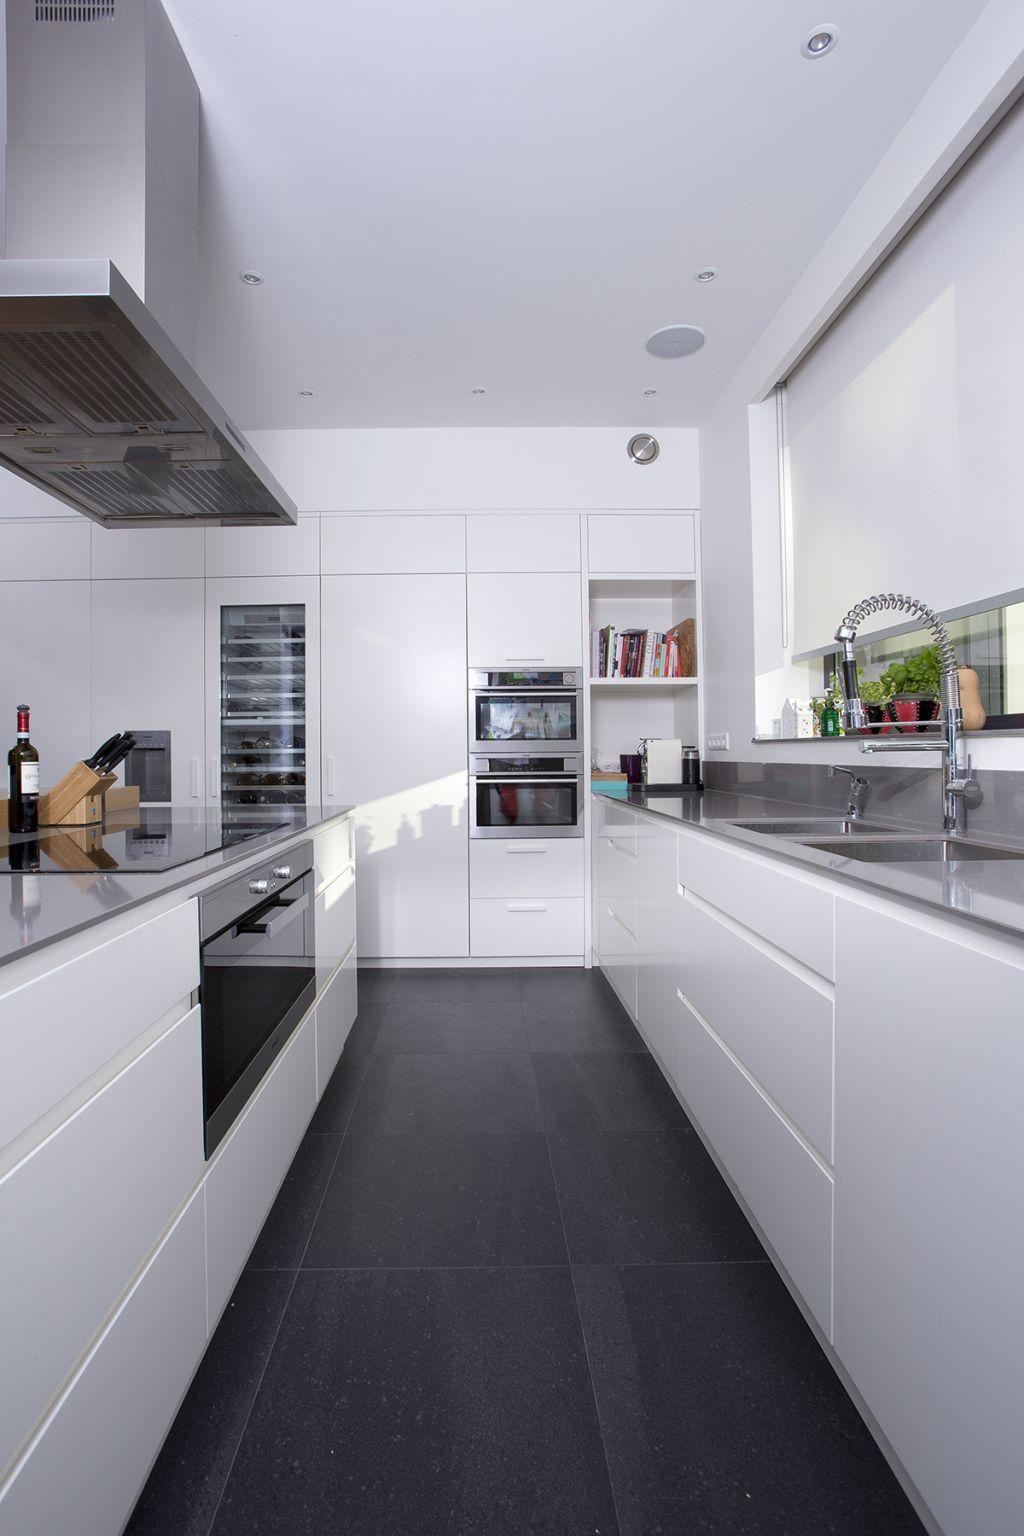 Dexter Interieur | Maatwerk interieur keuken. Vakmanschap met de ...